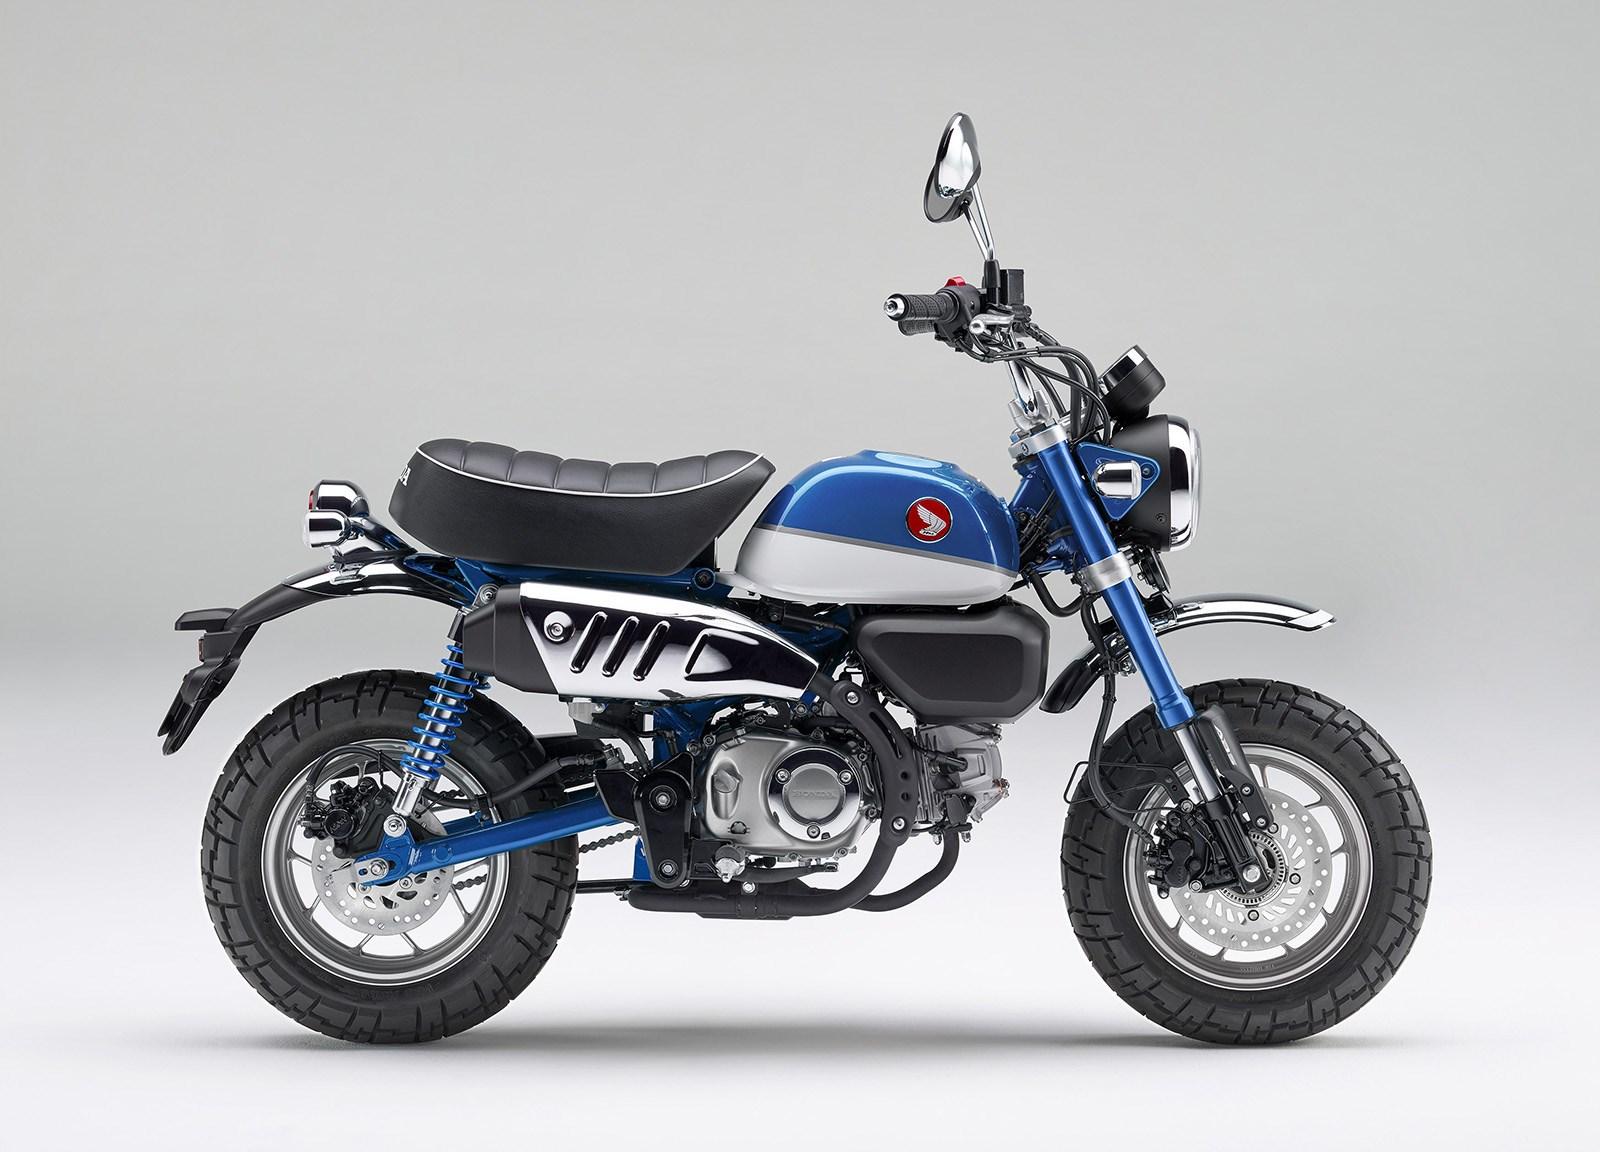 「ホンダ モンキー125」に爽やかなブルーが登場。既存色とあわせて全3色から選べるように